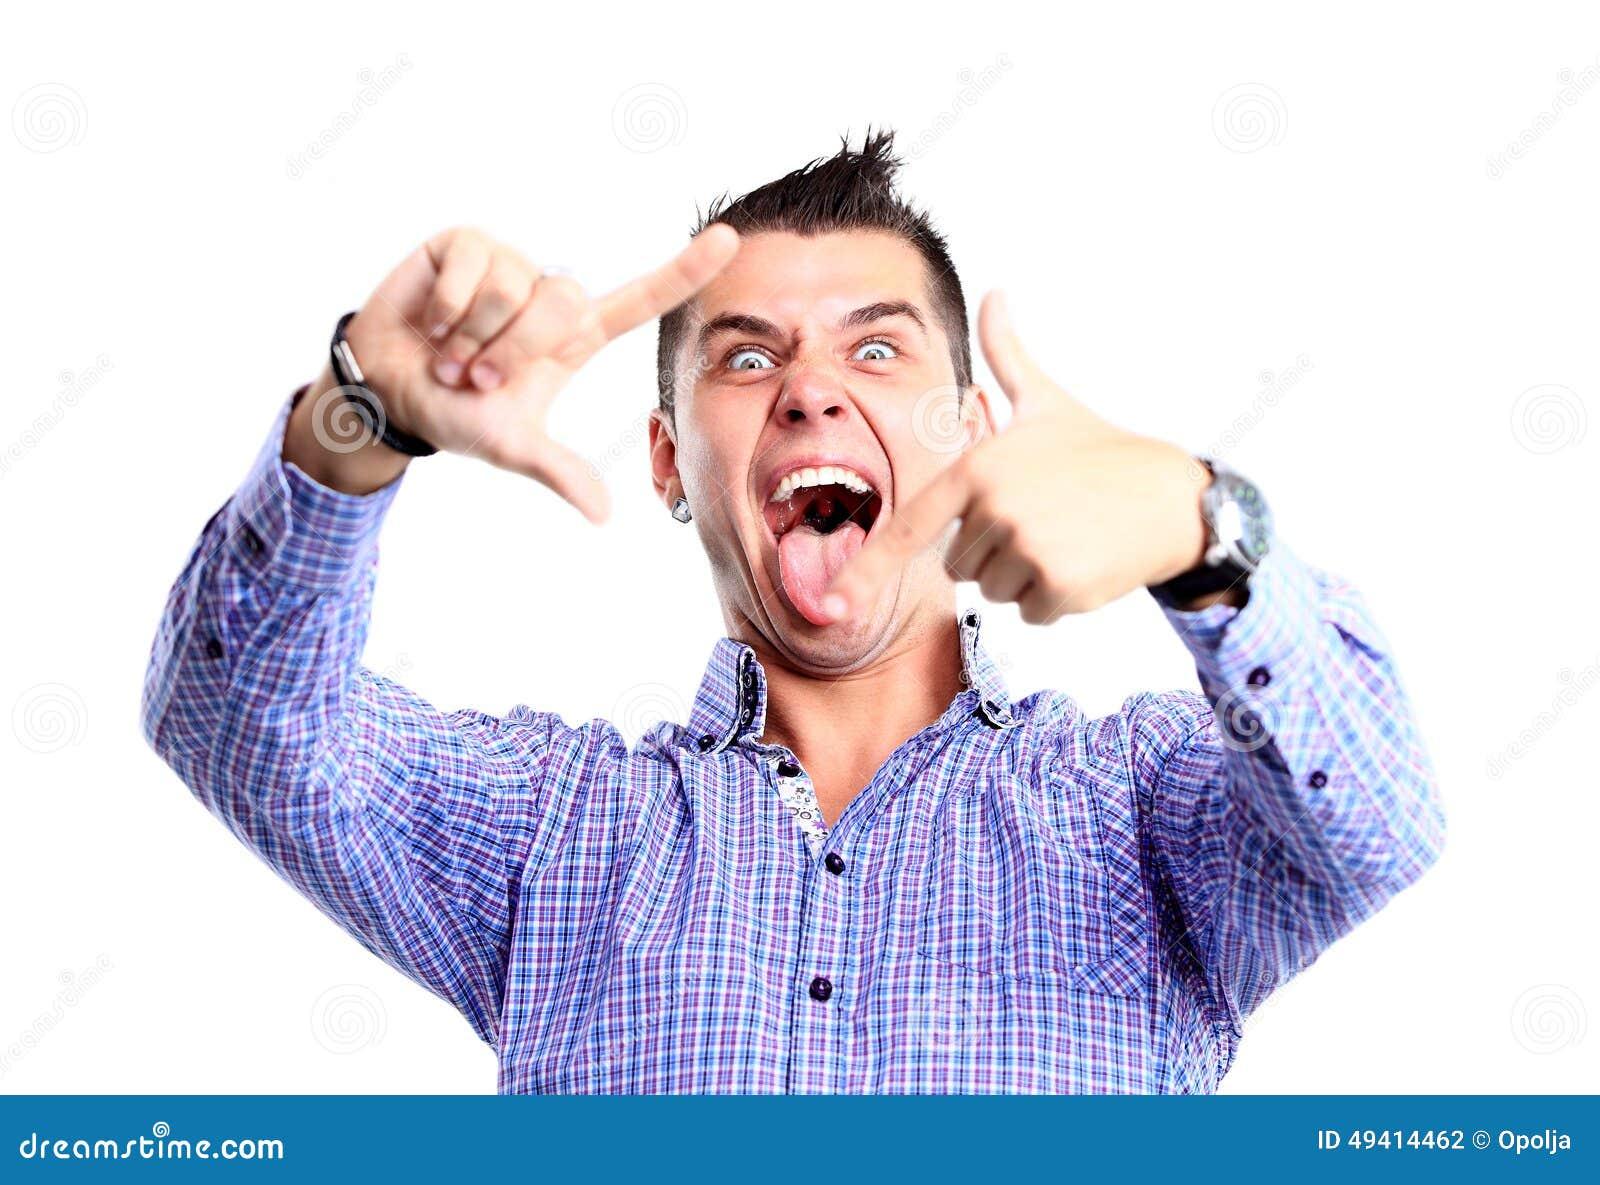 Download Glücklicher Junger Mann, Der Ein Selfie Foto Macht Stockfoto - Bild von schauen, hintergrund: 49414462